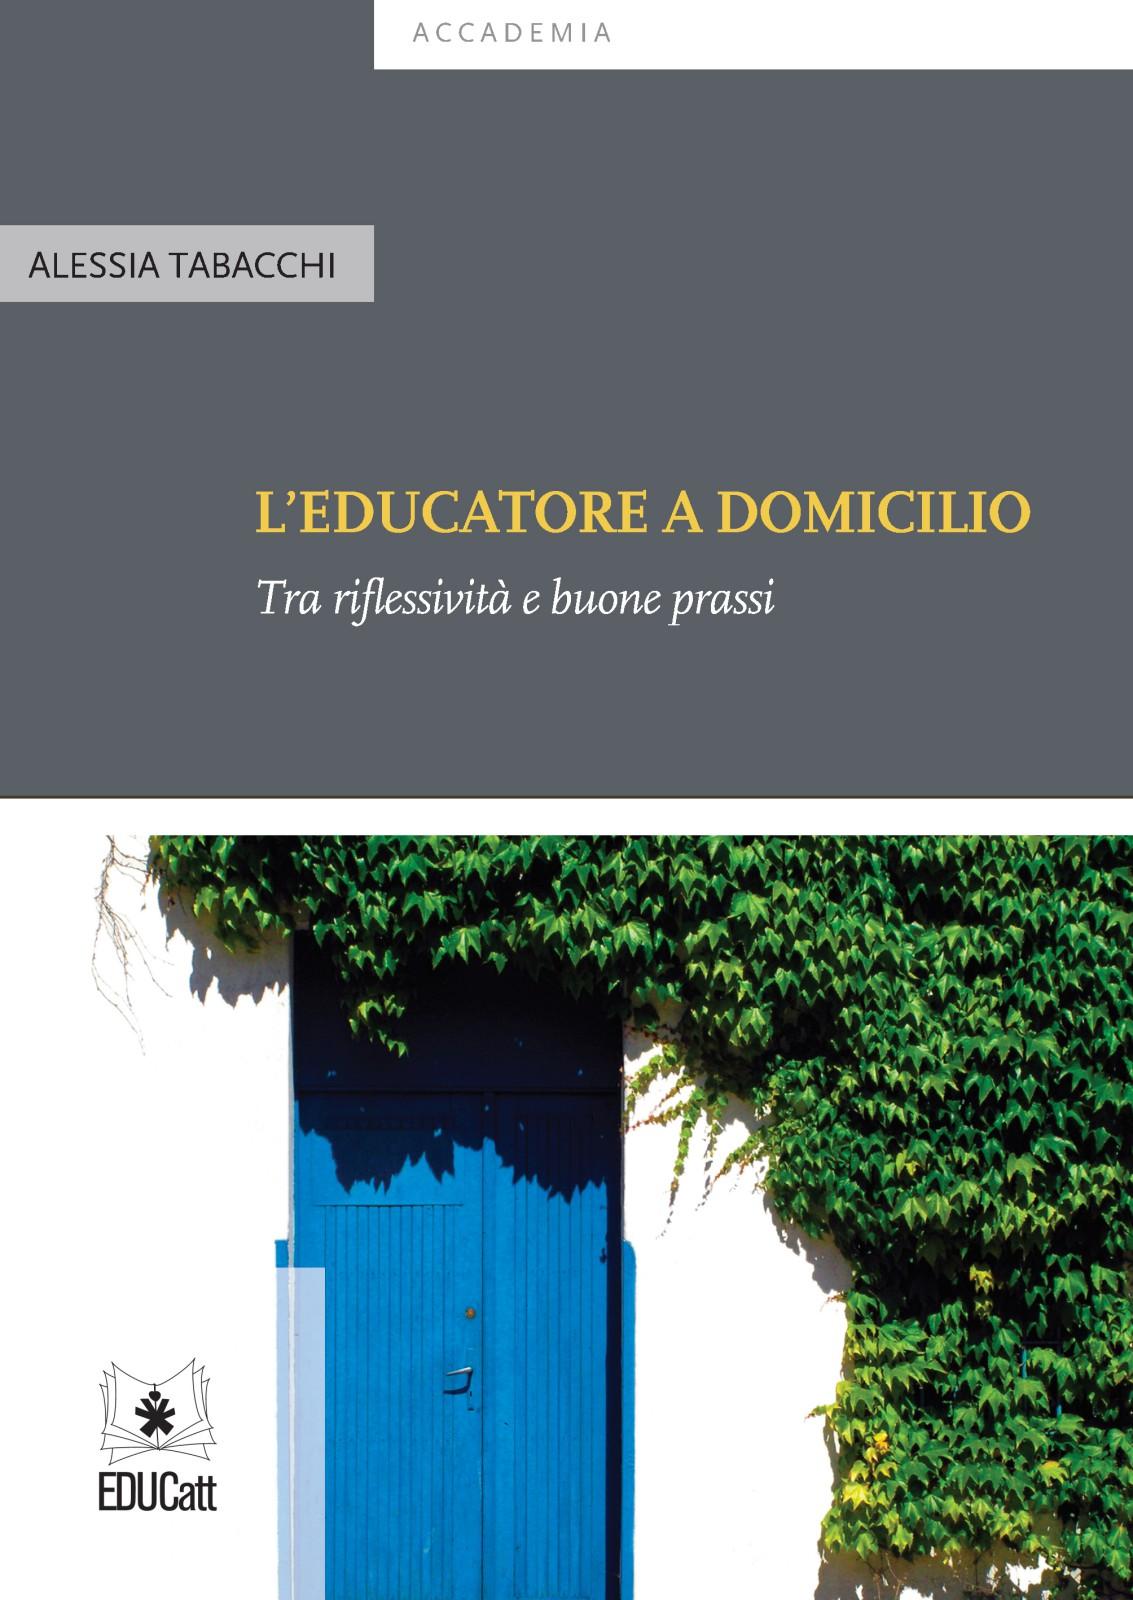 L'EDUCATORE A DOMICILIO. TRA' RIFLESSIVITA' E BUONE PRASSI